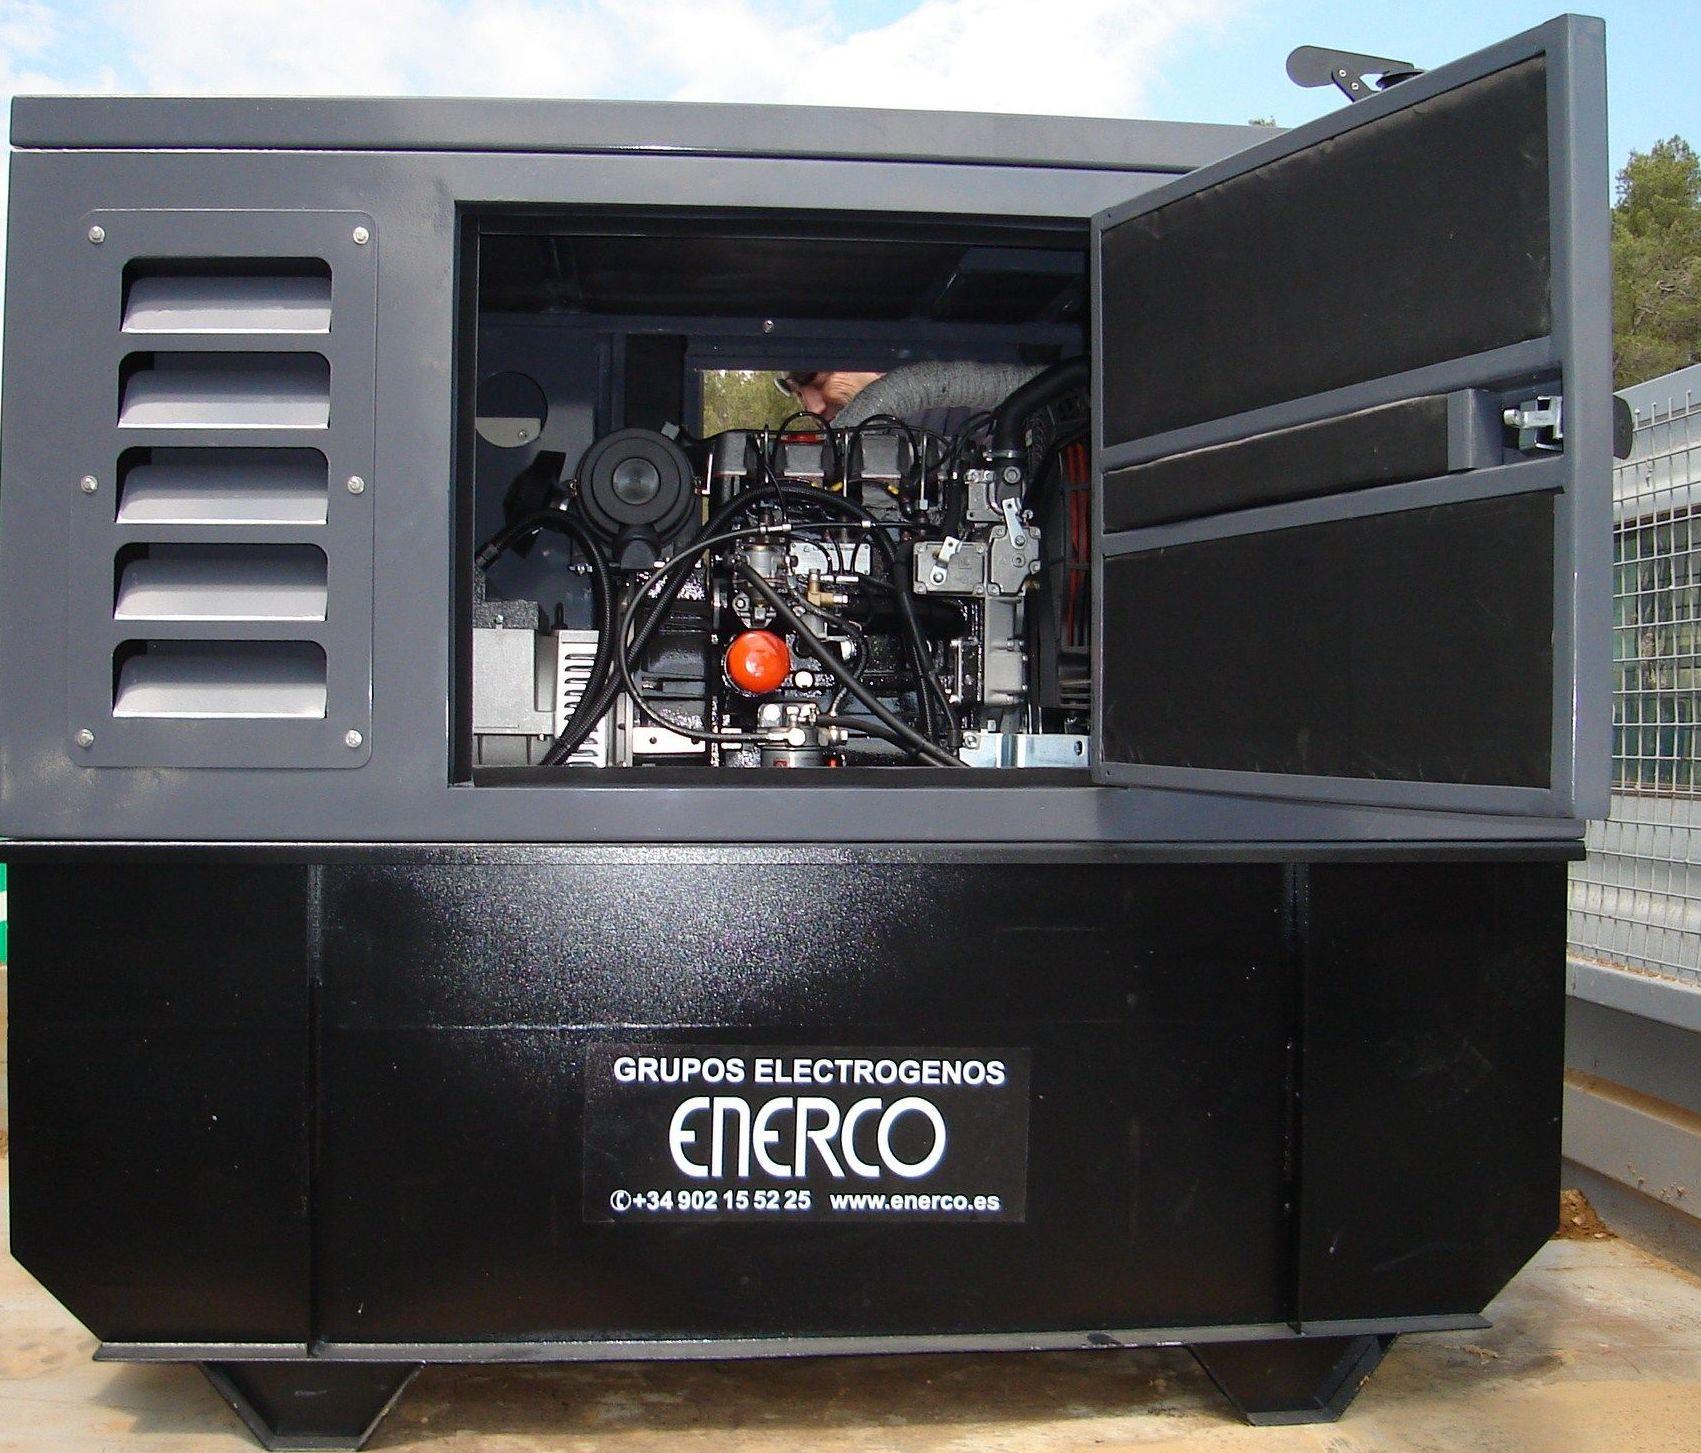 Grupos electrógenos compactos ENERCO